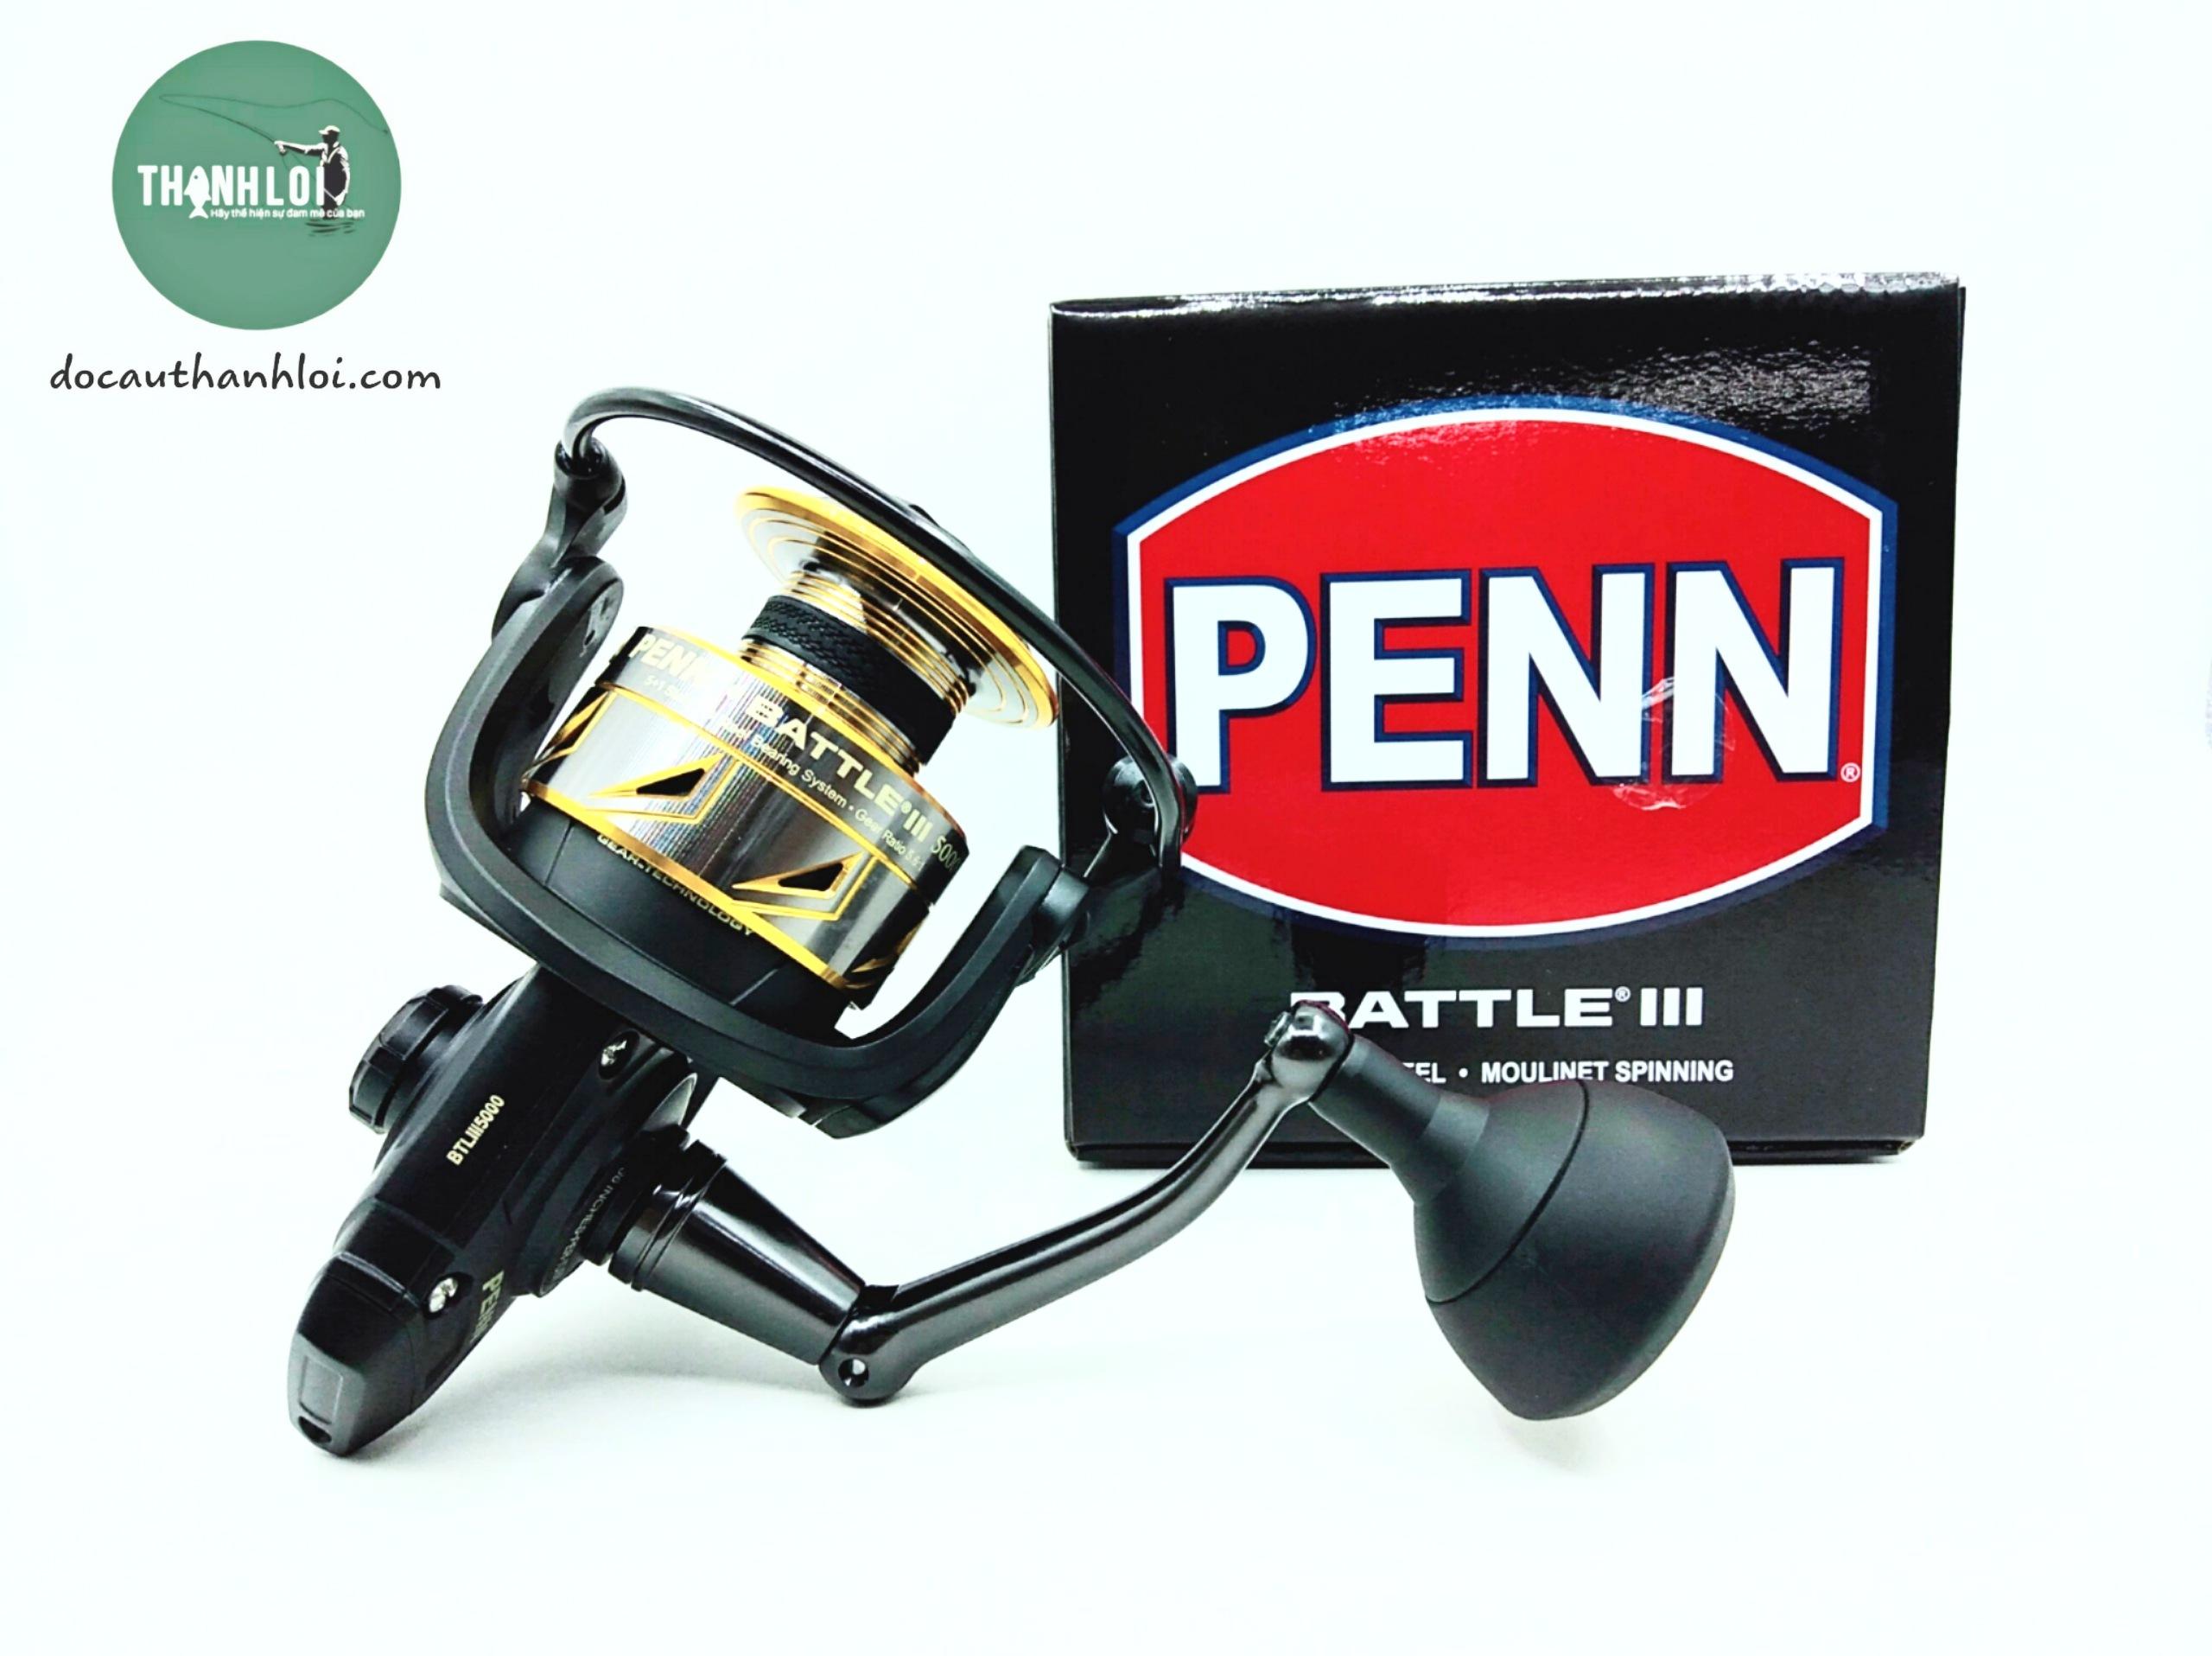 Máy Penn Battle III 5000 6000 8000 10000